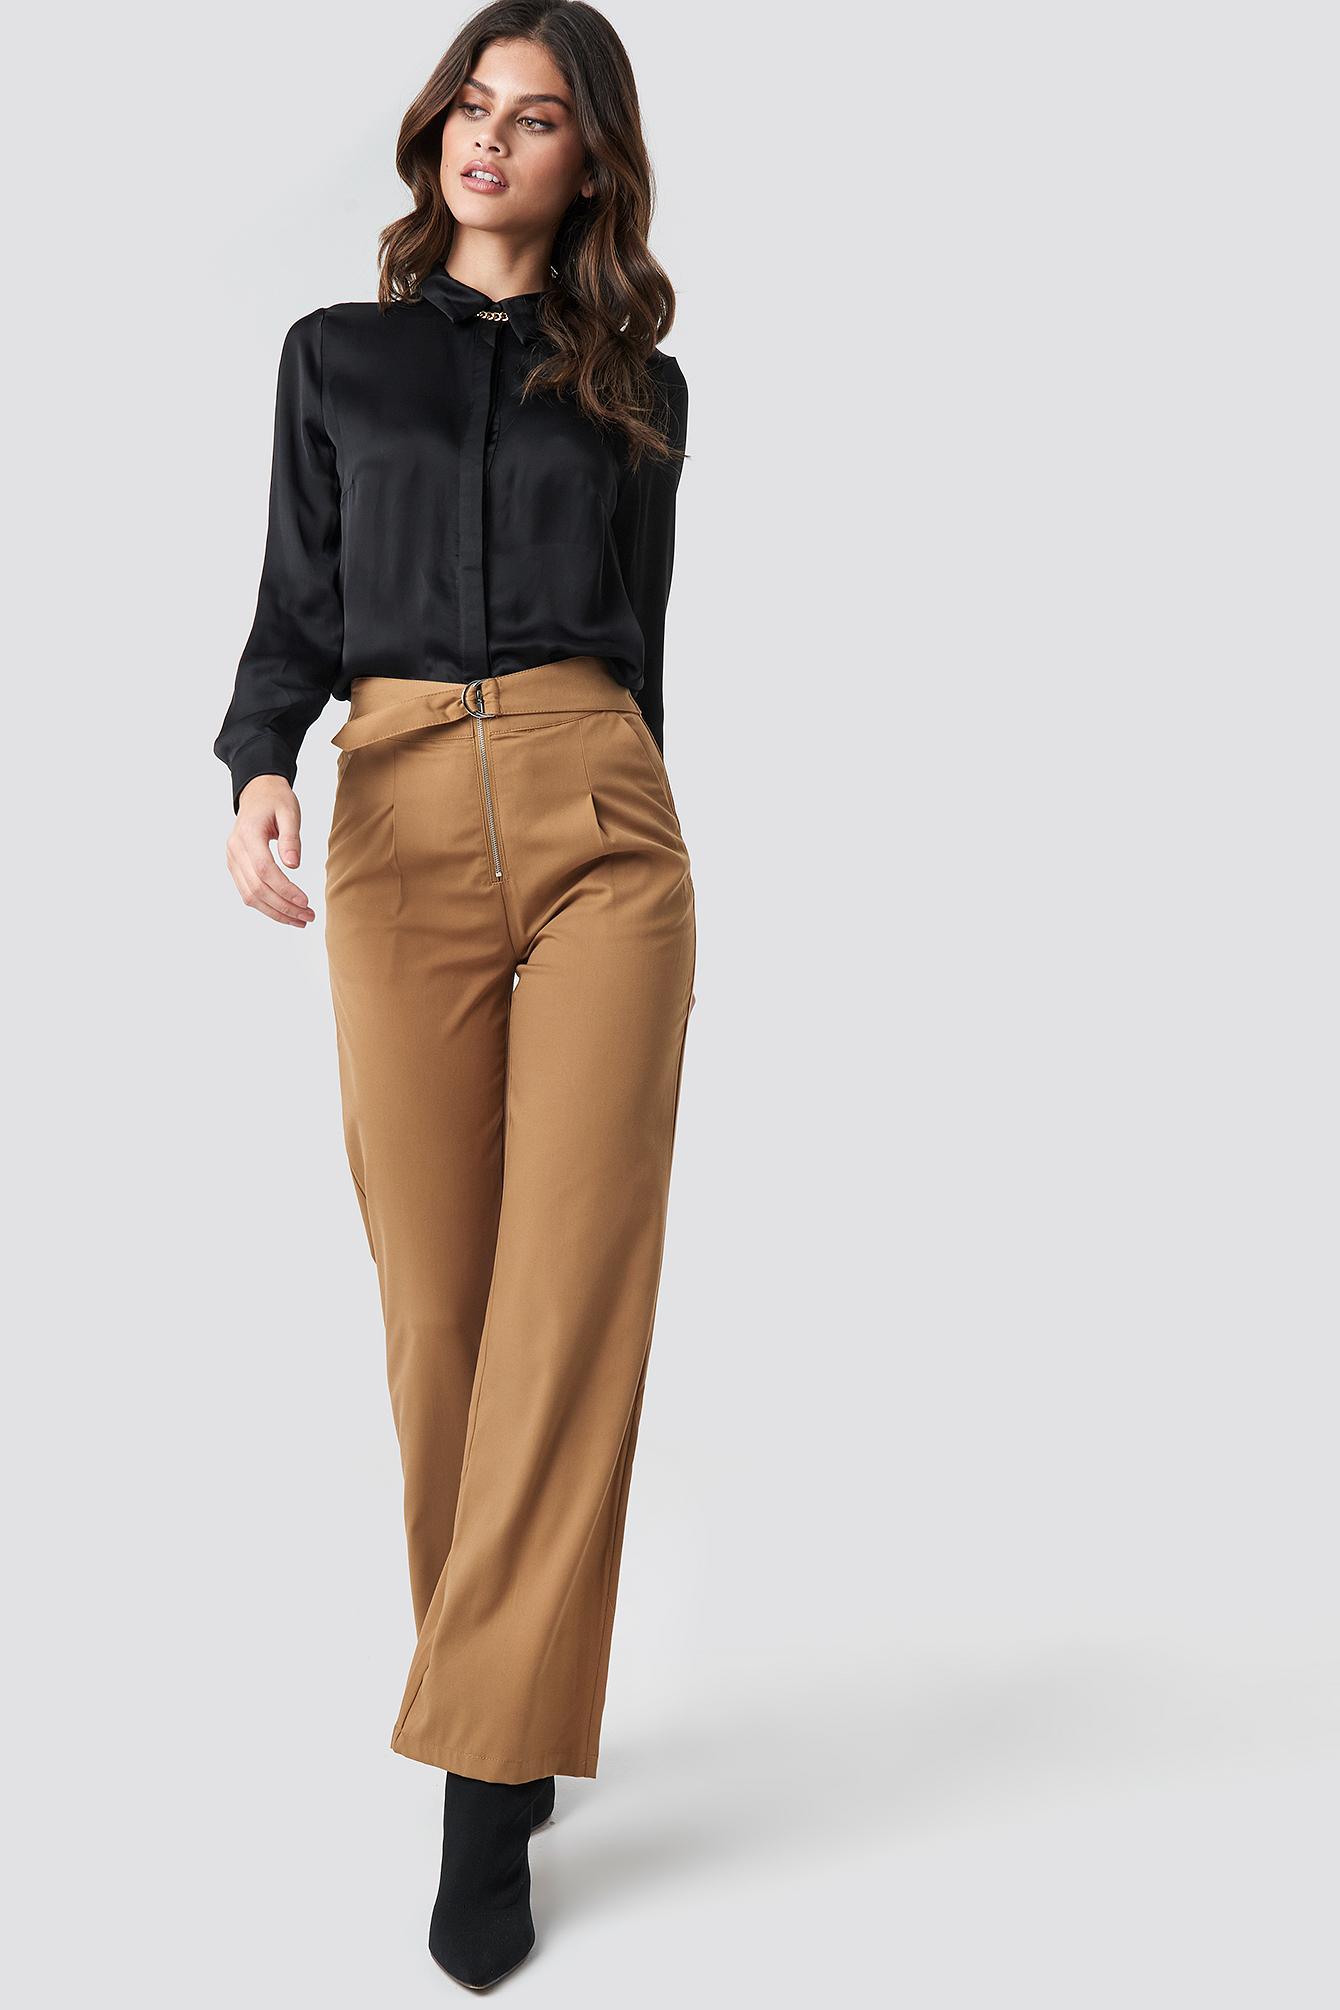 na-kd trend -  High Waist Zip Detail Pants - Brown,Beige